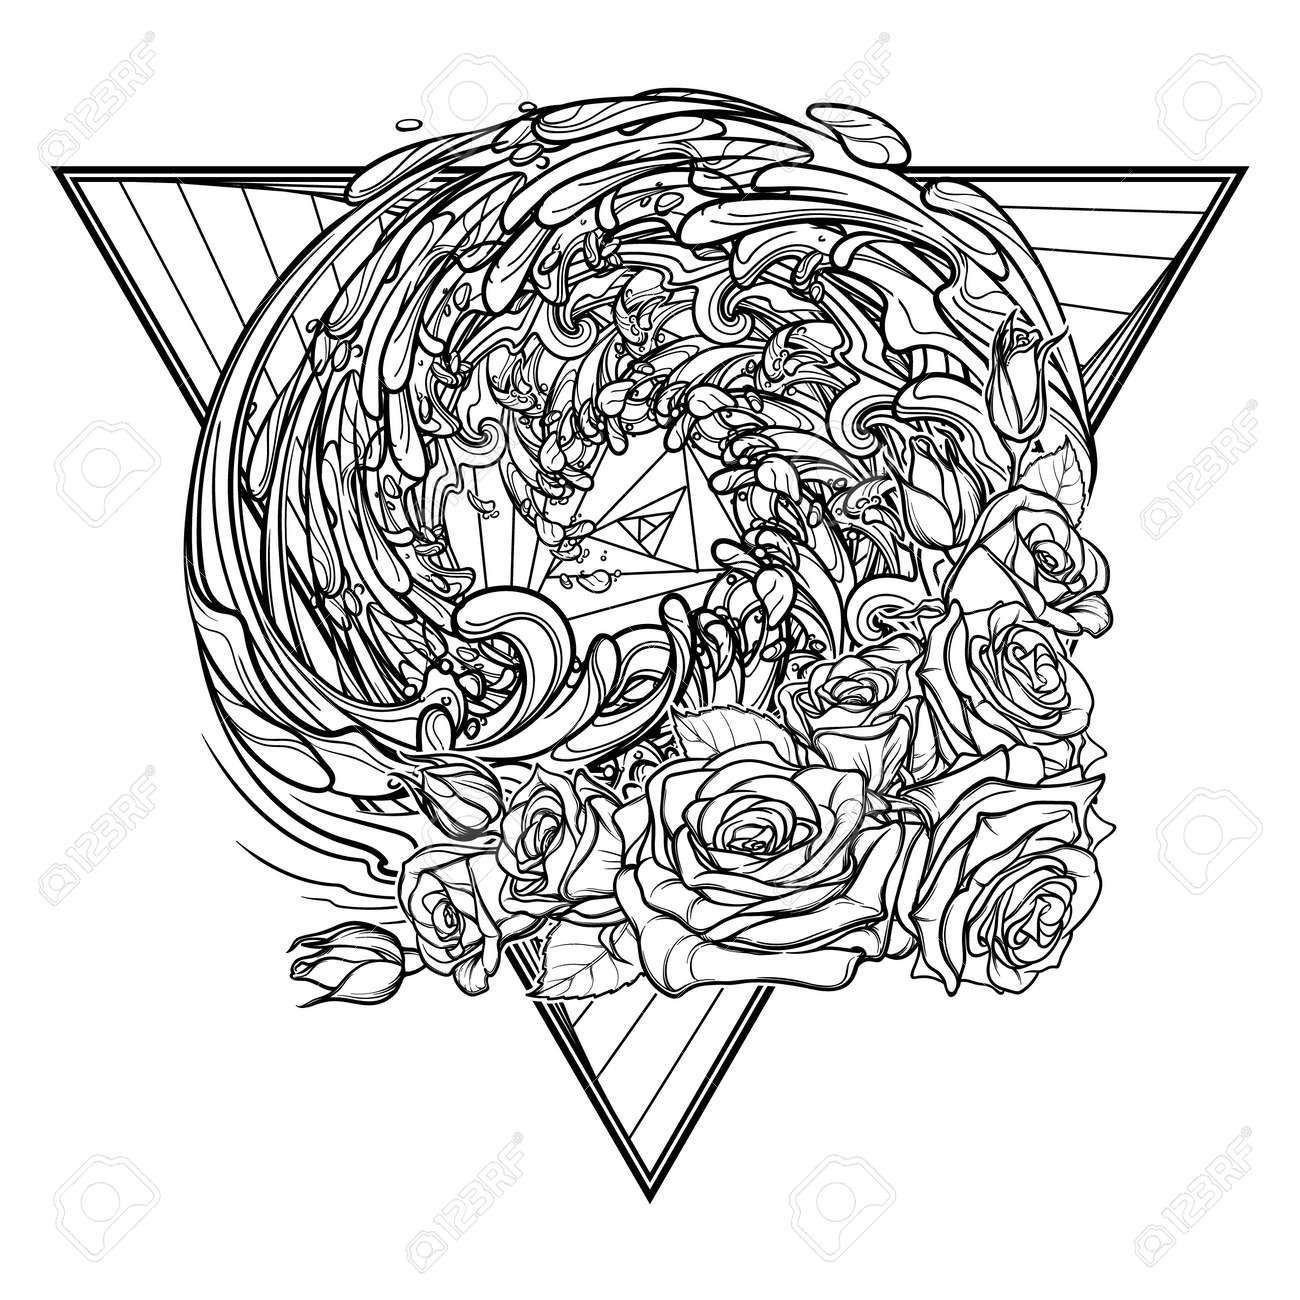 Alchemic Element Of Water Sign. Triángulo Hacia Abajo Con Guirnalda ...